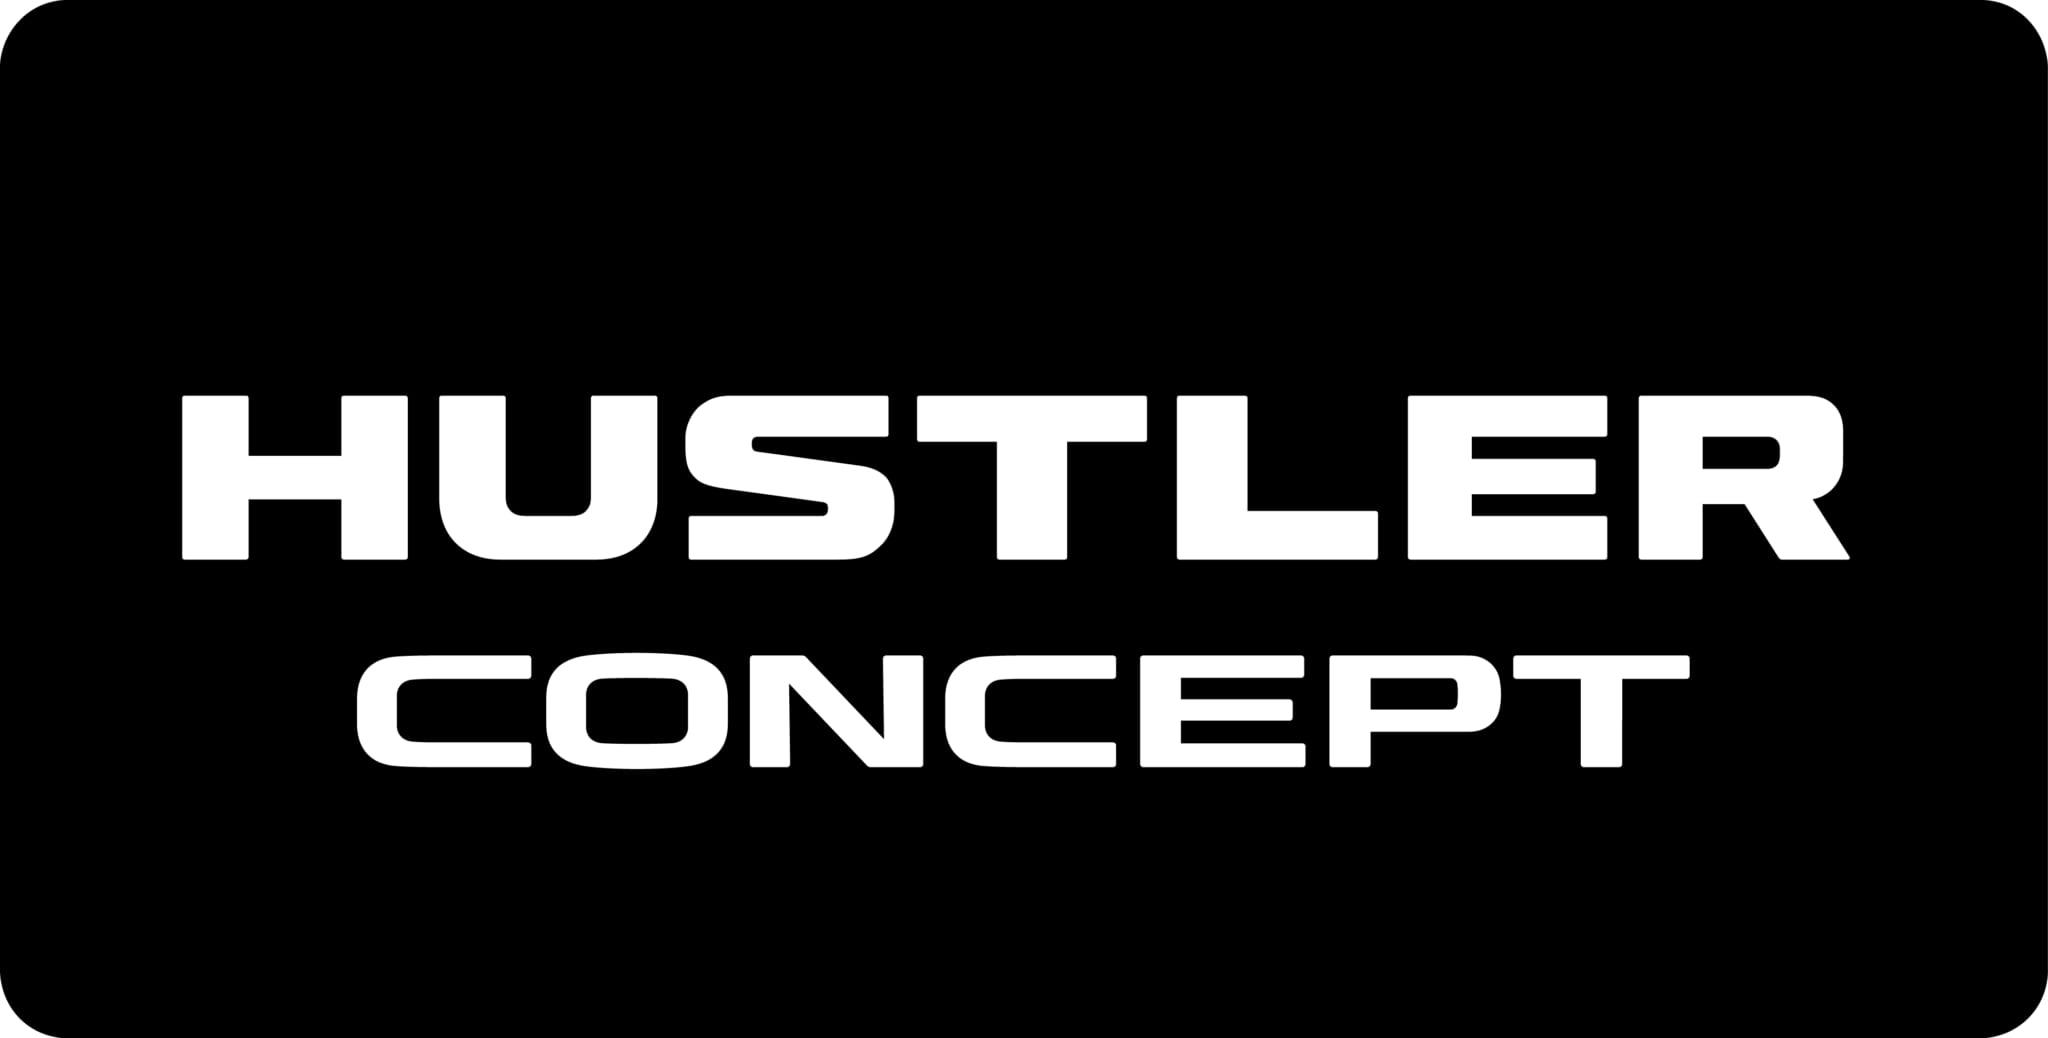 ハスラー コンセプト ロゴ